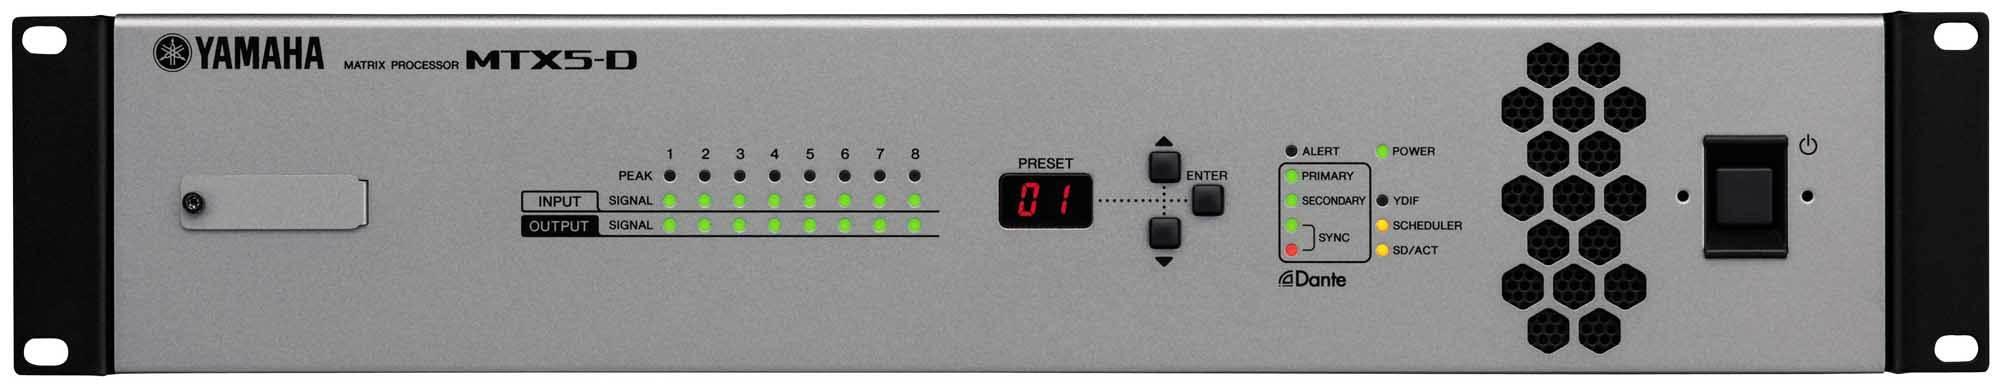 میکسر ، پری آمپ و پروسسور هوشمند و تحت شبکه صوتی محصول کمپانی YAMAHA ( یاماها ) مدل MTX5-D